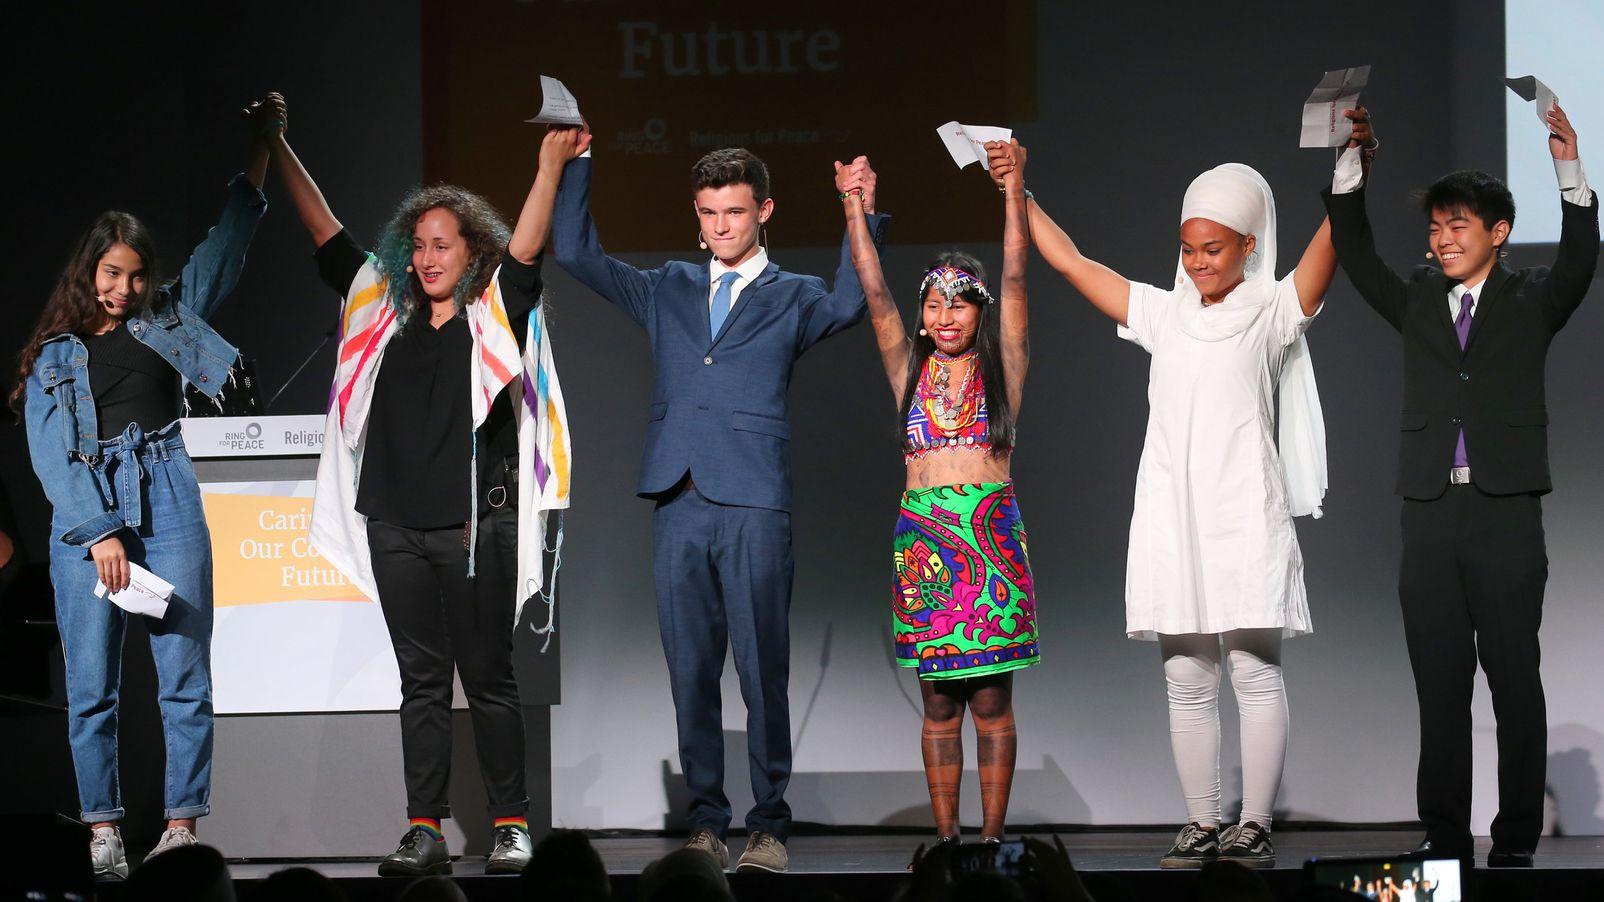 Junge Delegierte verschiedener Glaubensrichtungen stehen zum Auftakt der Konferenz in der Inselhalle auf der Bühne.